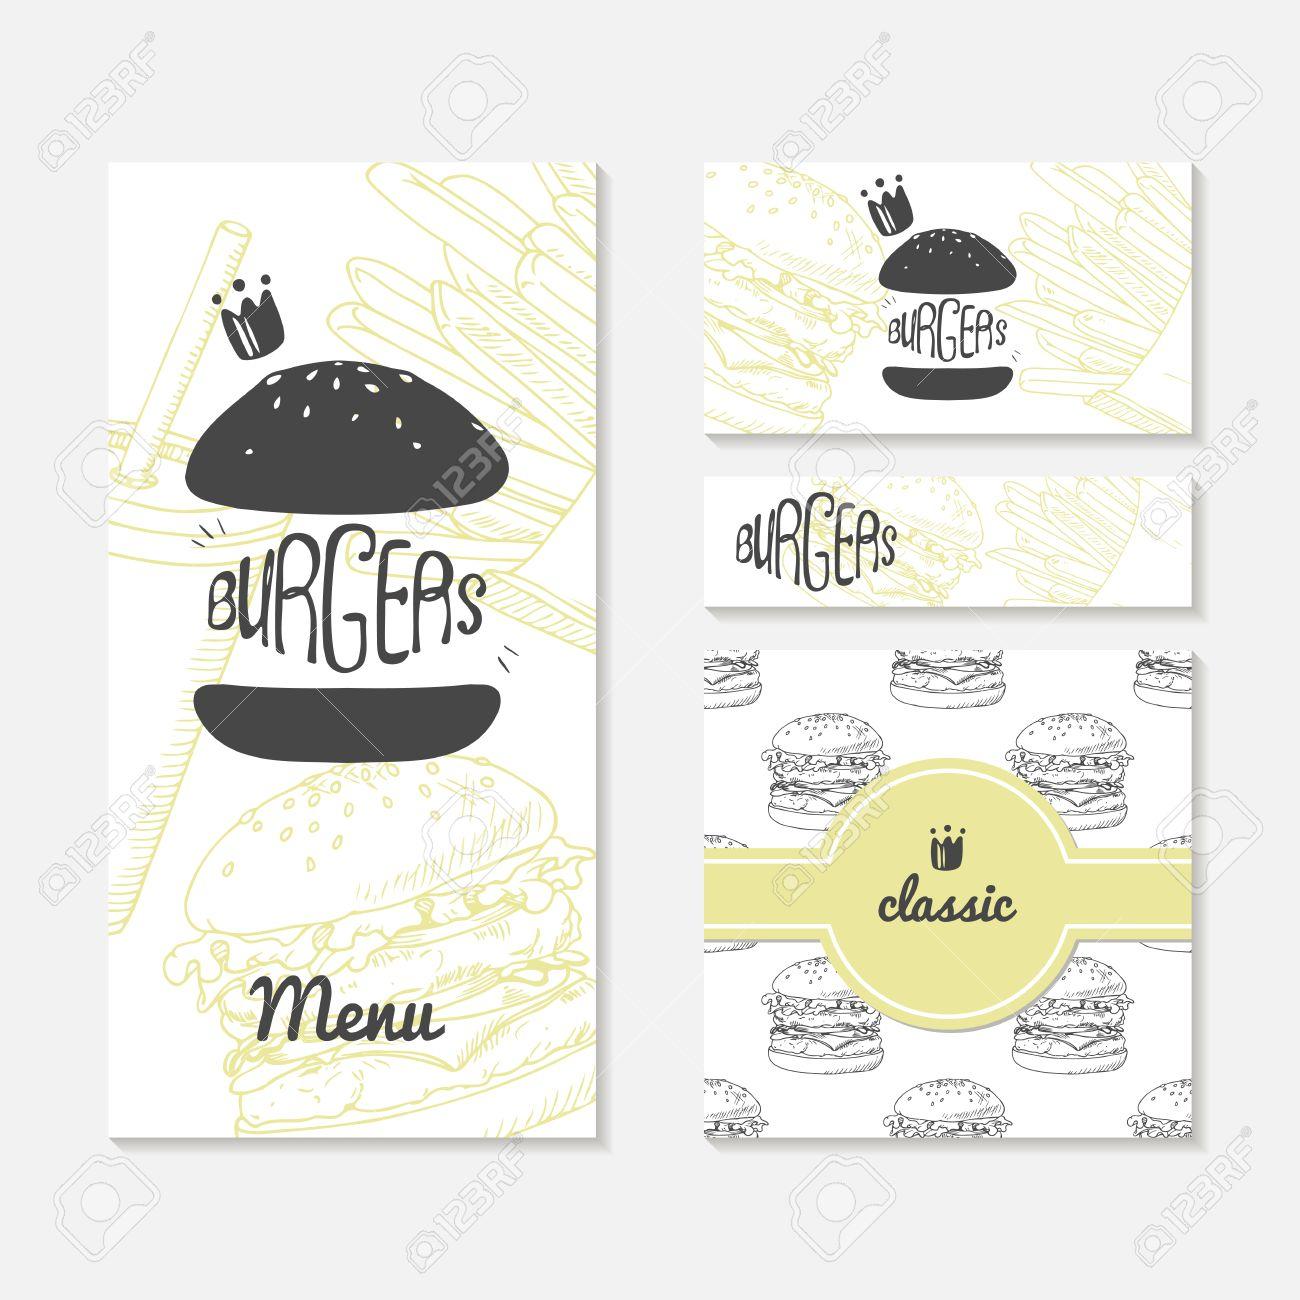 Rapide Marque De Restaurant Alimentaire Menu Template Carte Visite Banniere Papier Demballage Dans Le Vecteur Illustration Avec Place Pour Texte